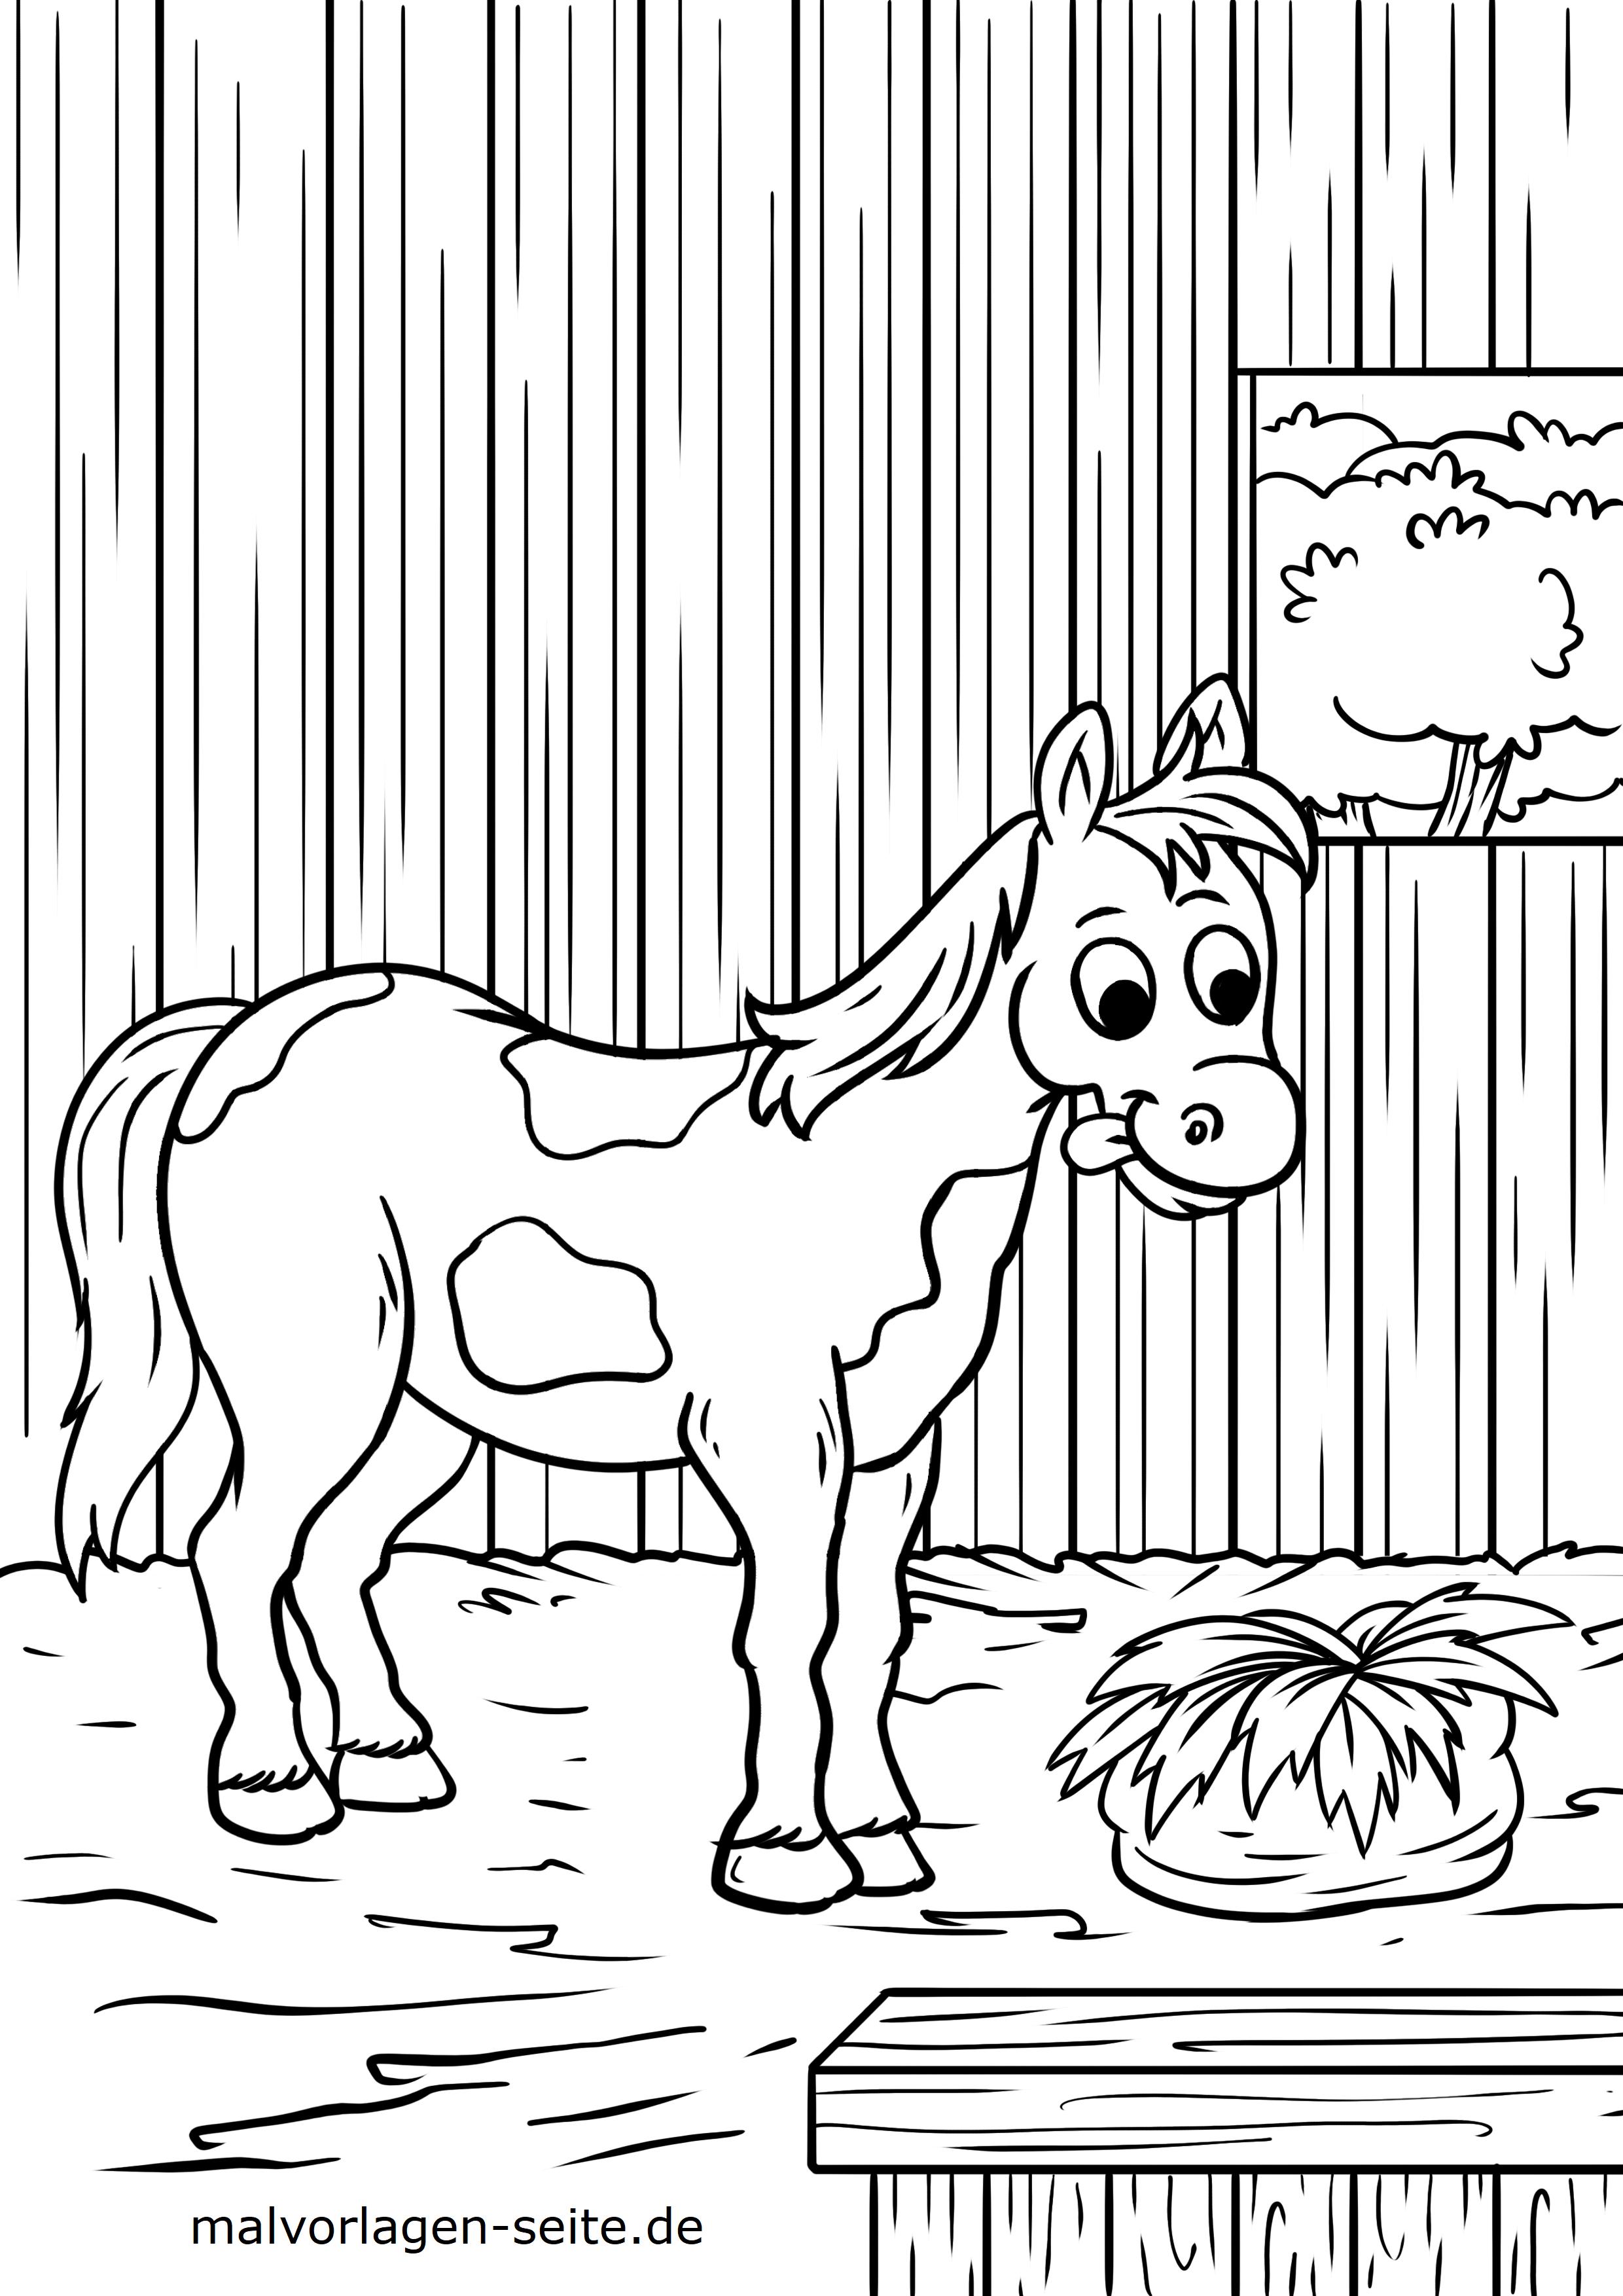 Malvorlage Pferd im Stall | Gratis Malvorlagen zum Download